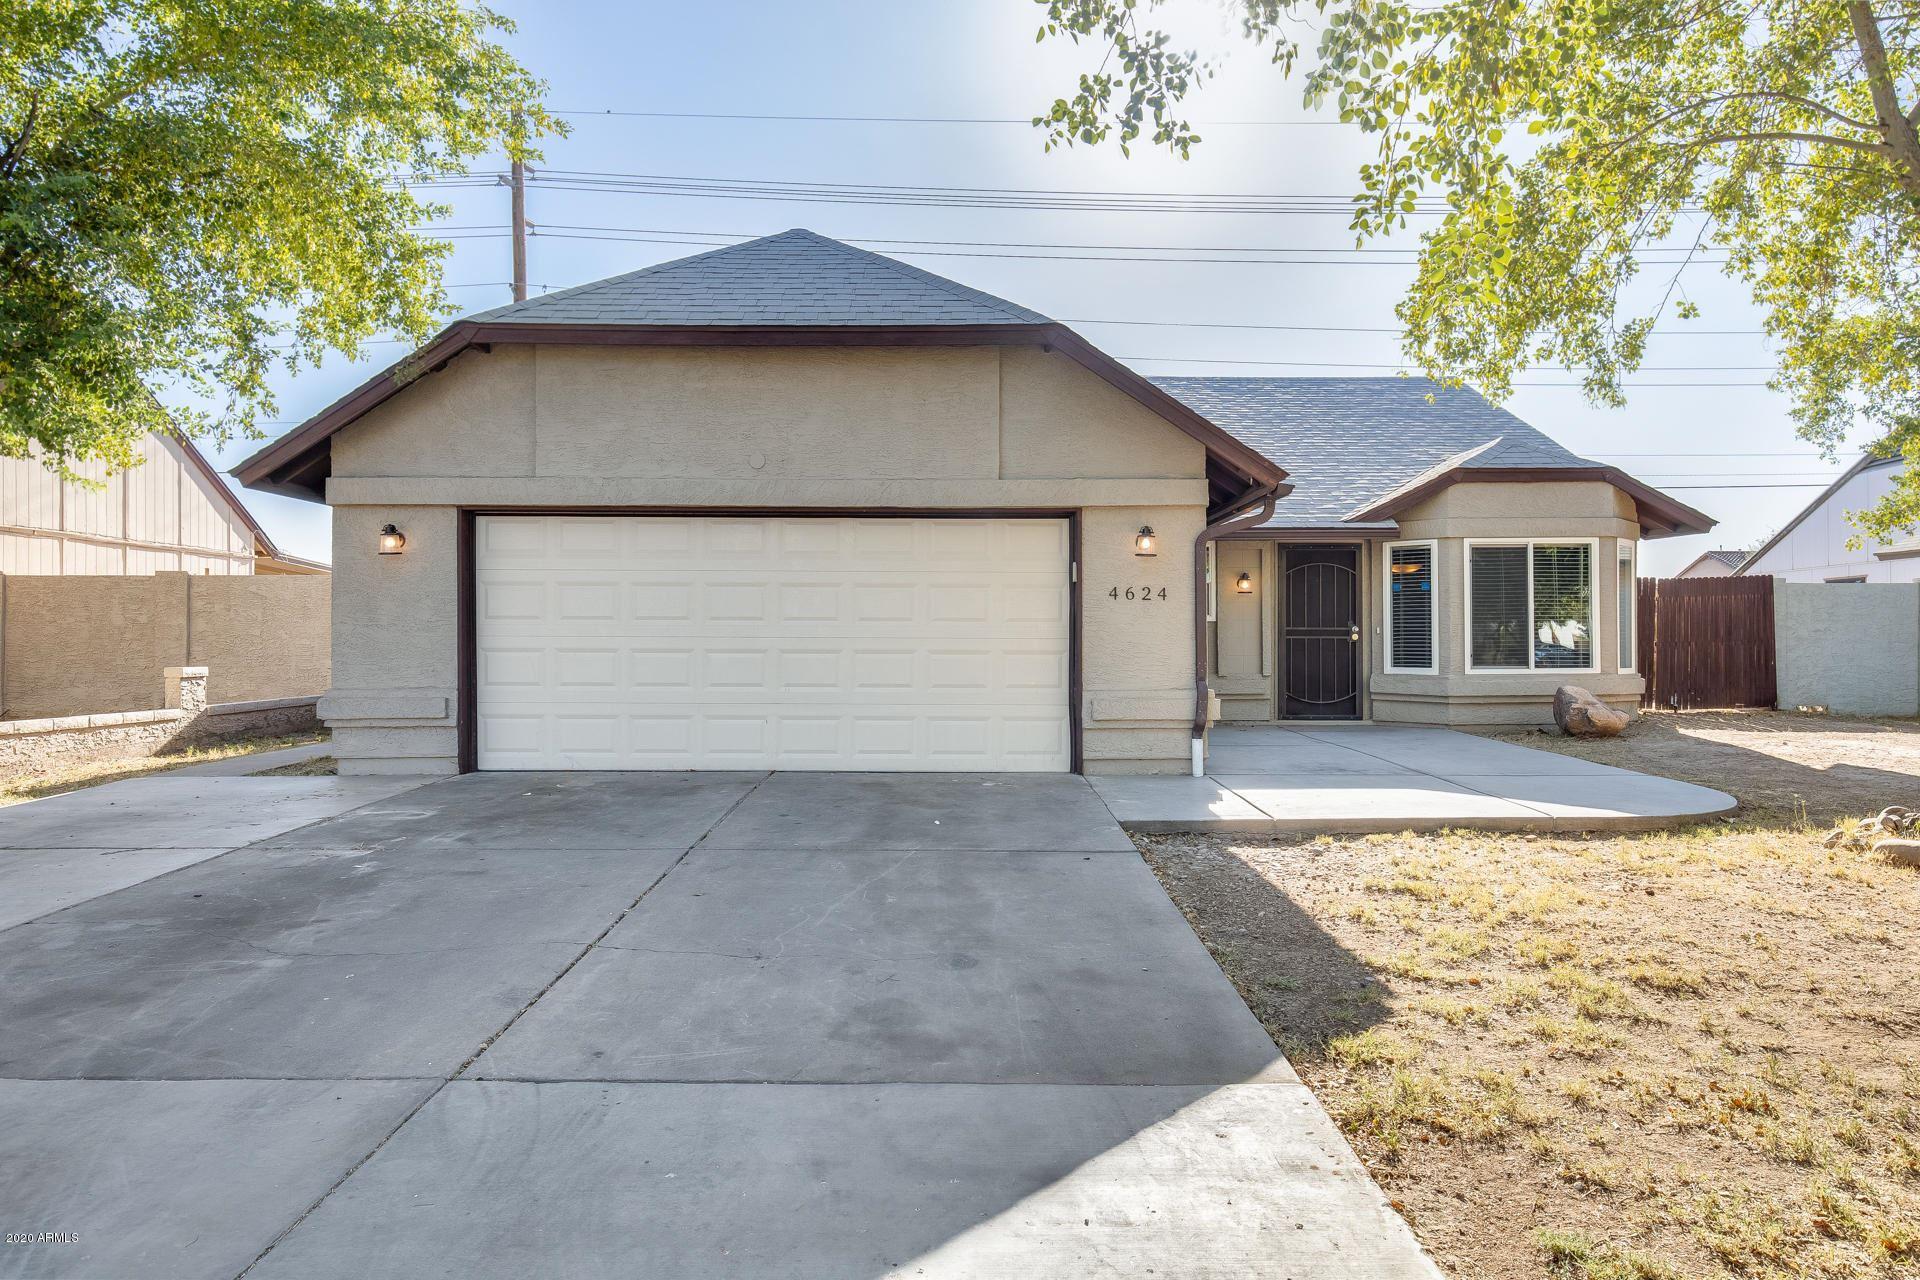 4624 N 90TH Drive, Phoenix, AZ 85037 - MLS#: 6098096